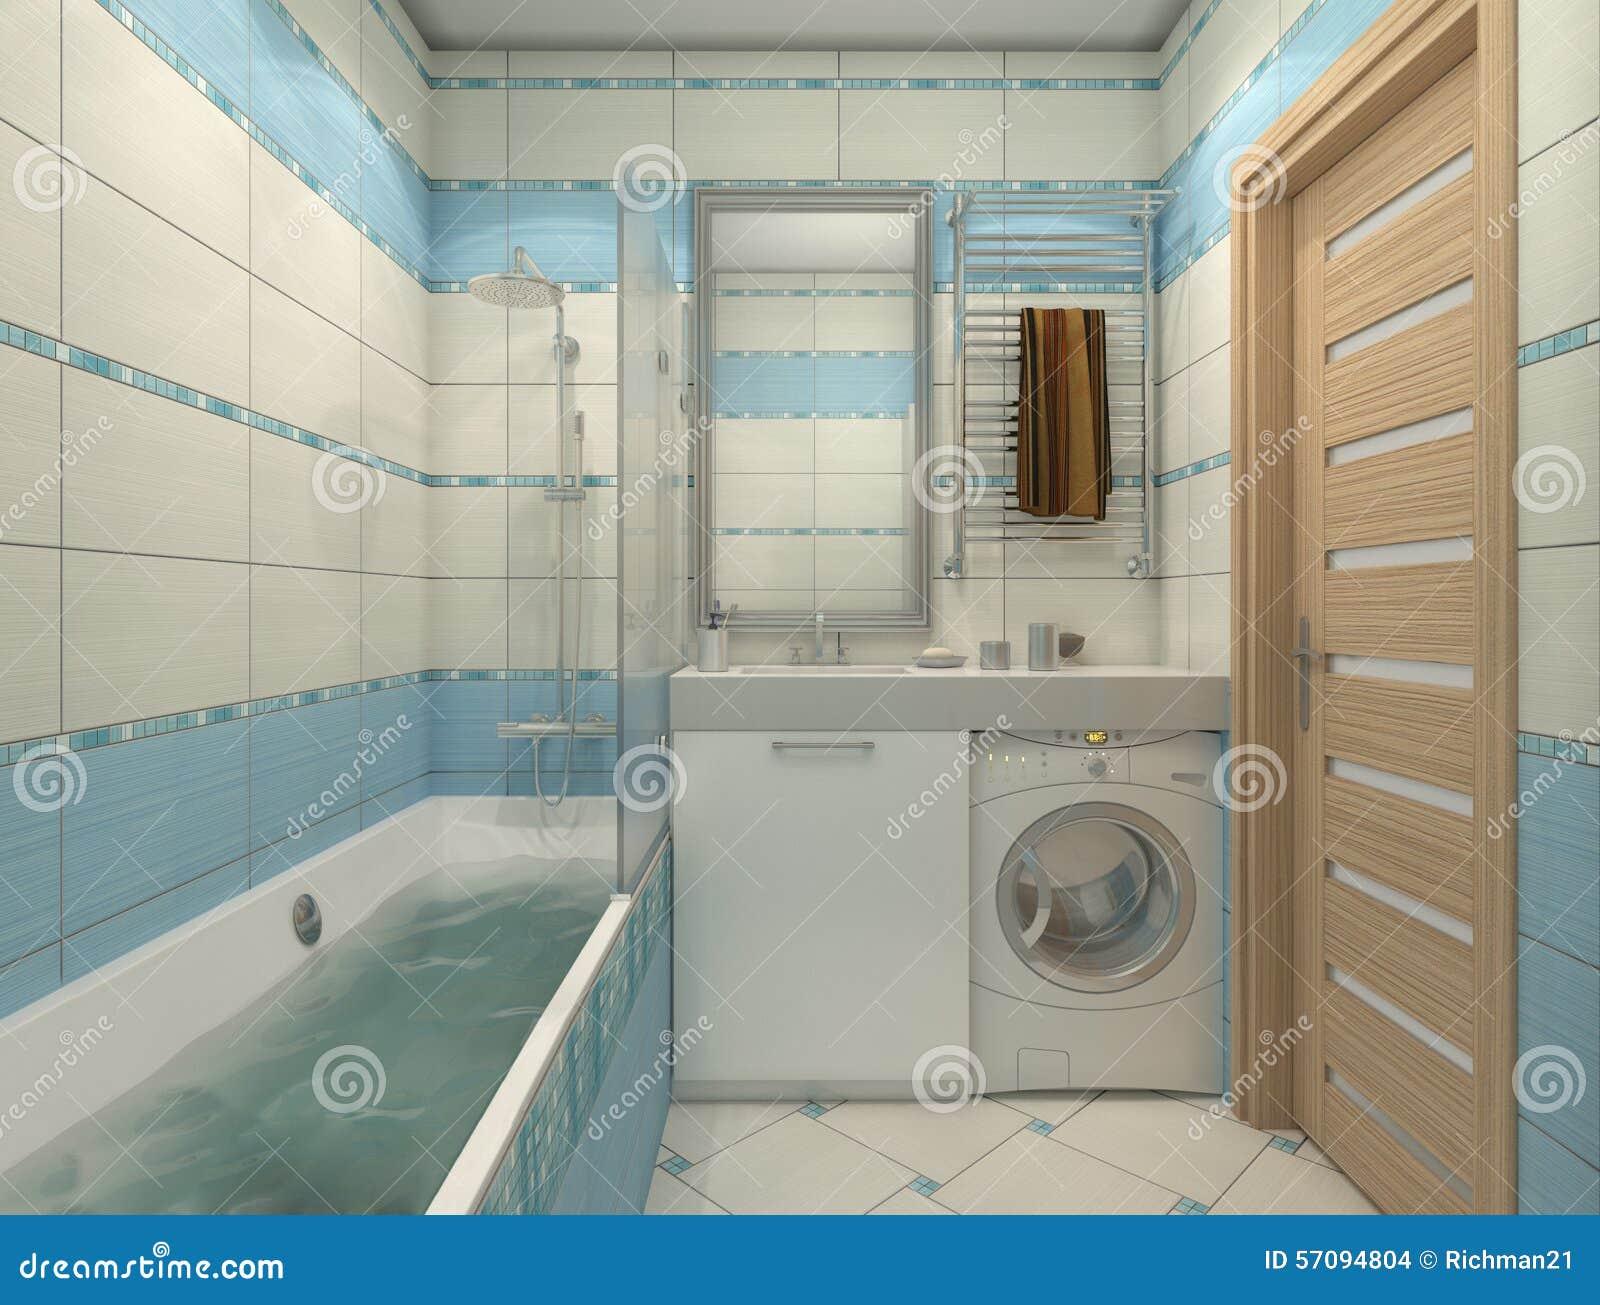 comment crer une salle de bain zen. contacter. parfait concepteur